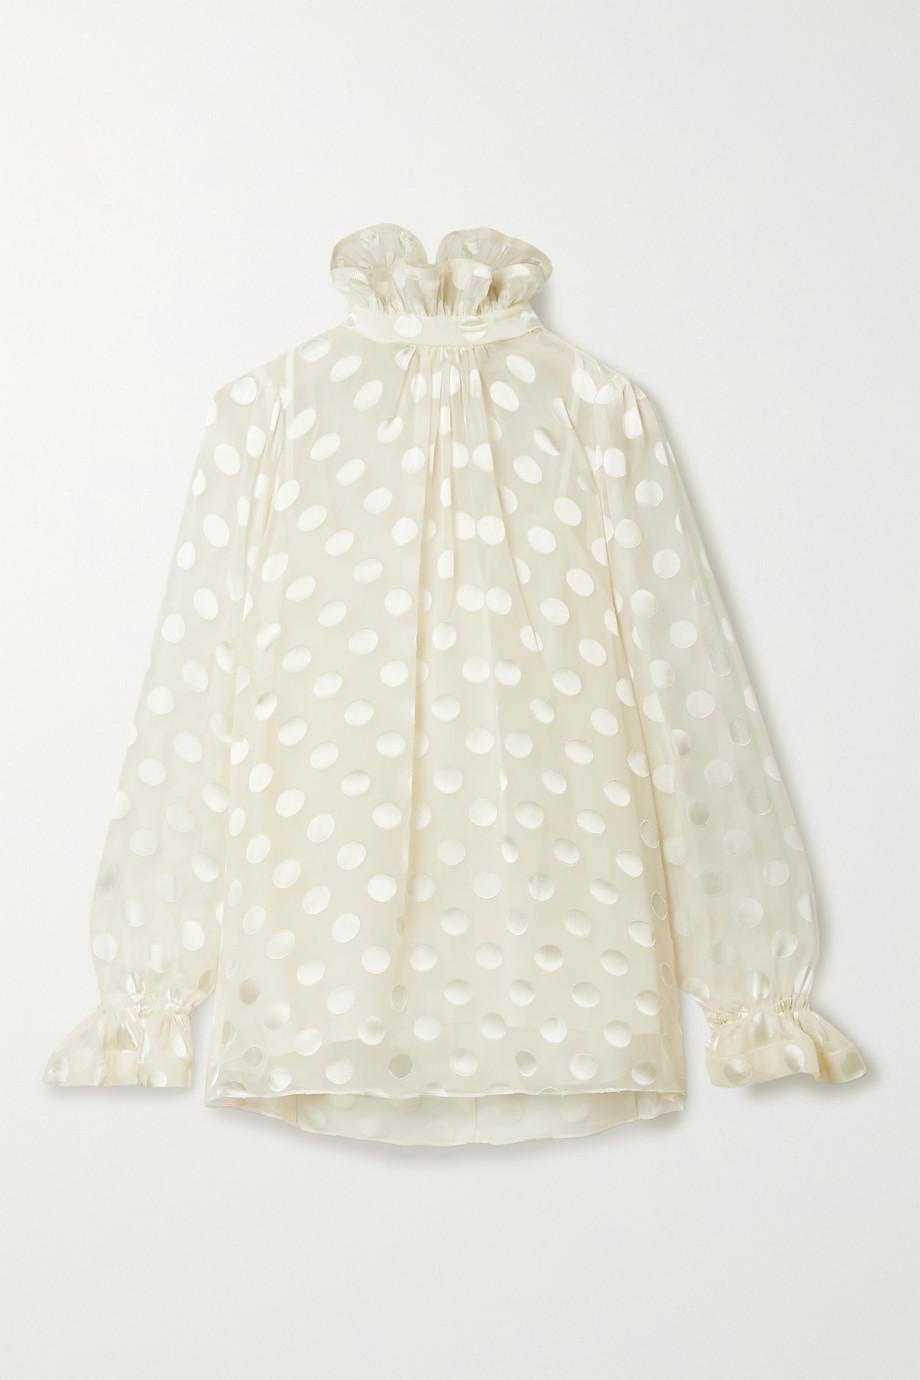 Zimmermann The Lovestruck ruffled fil coupé silk-chiffon blouse